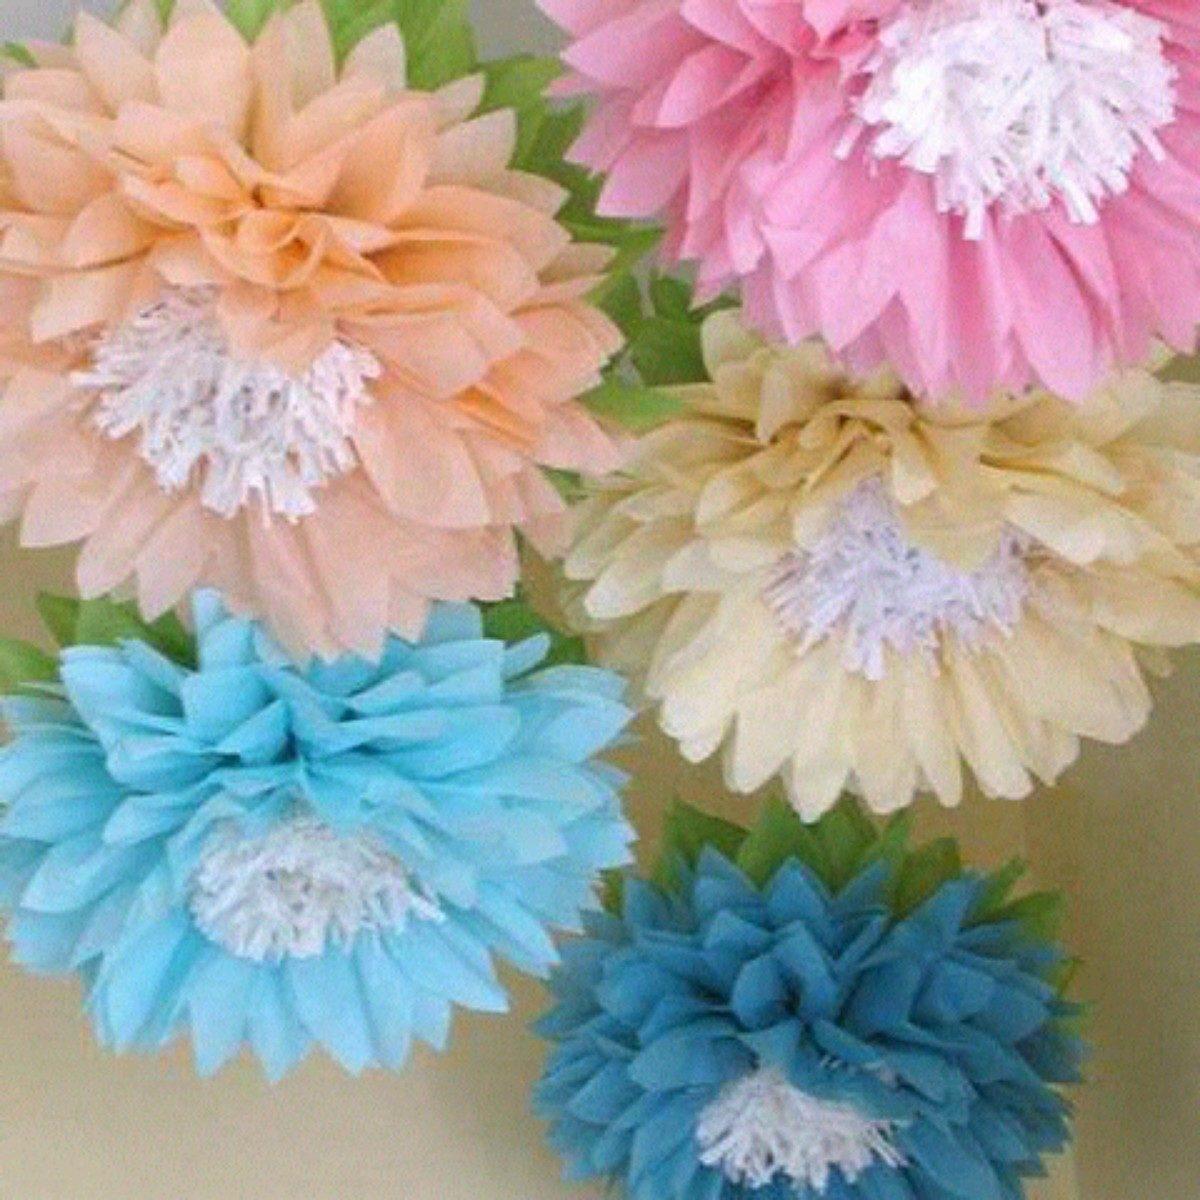 Flores mariposas pompones de papel seda bs 499 00 en - Pompones con papel de seda ...